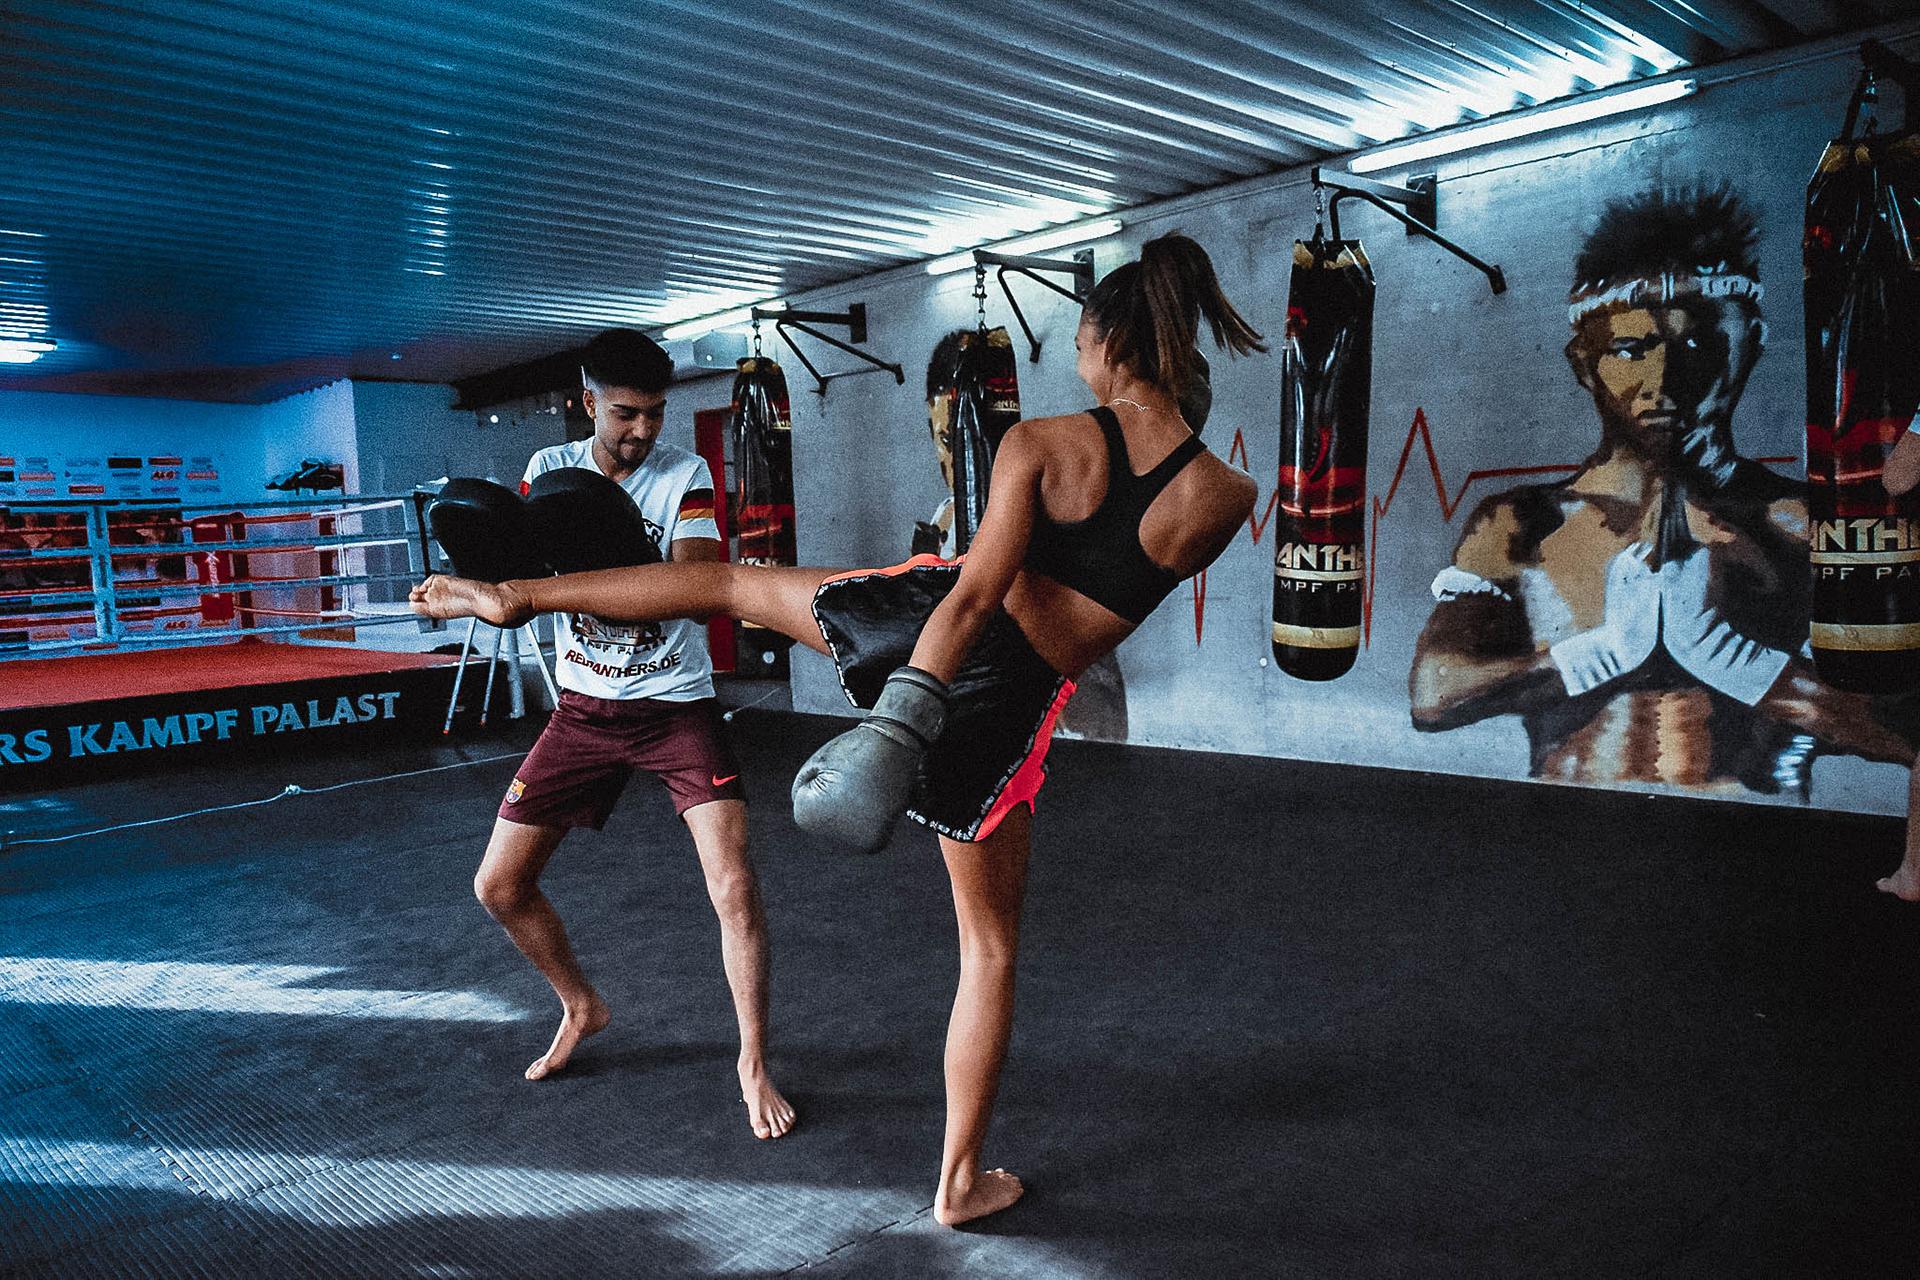 Kickboxen Tritt RedPanthers